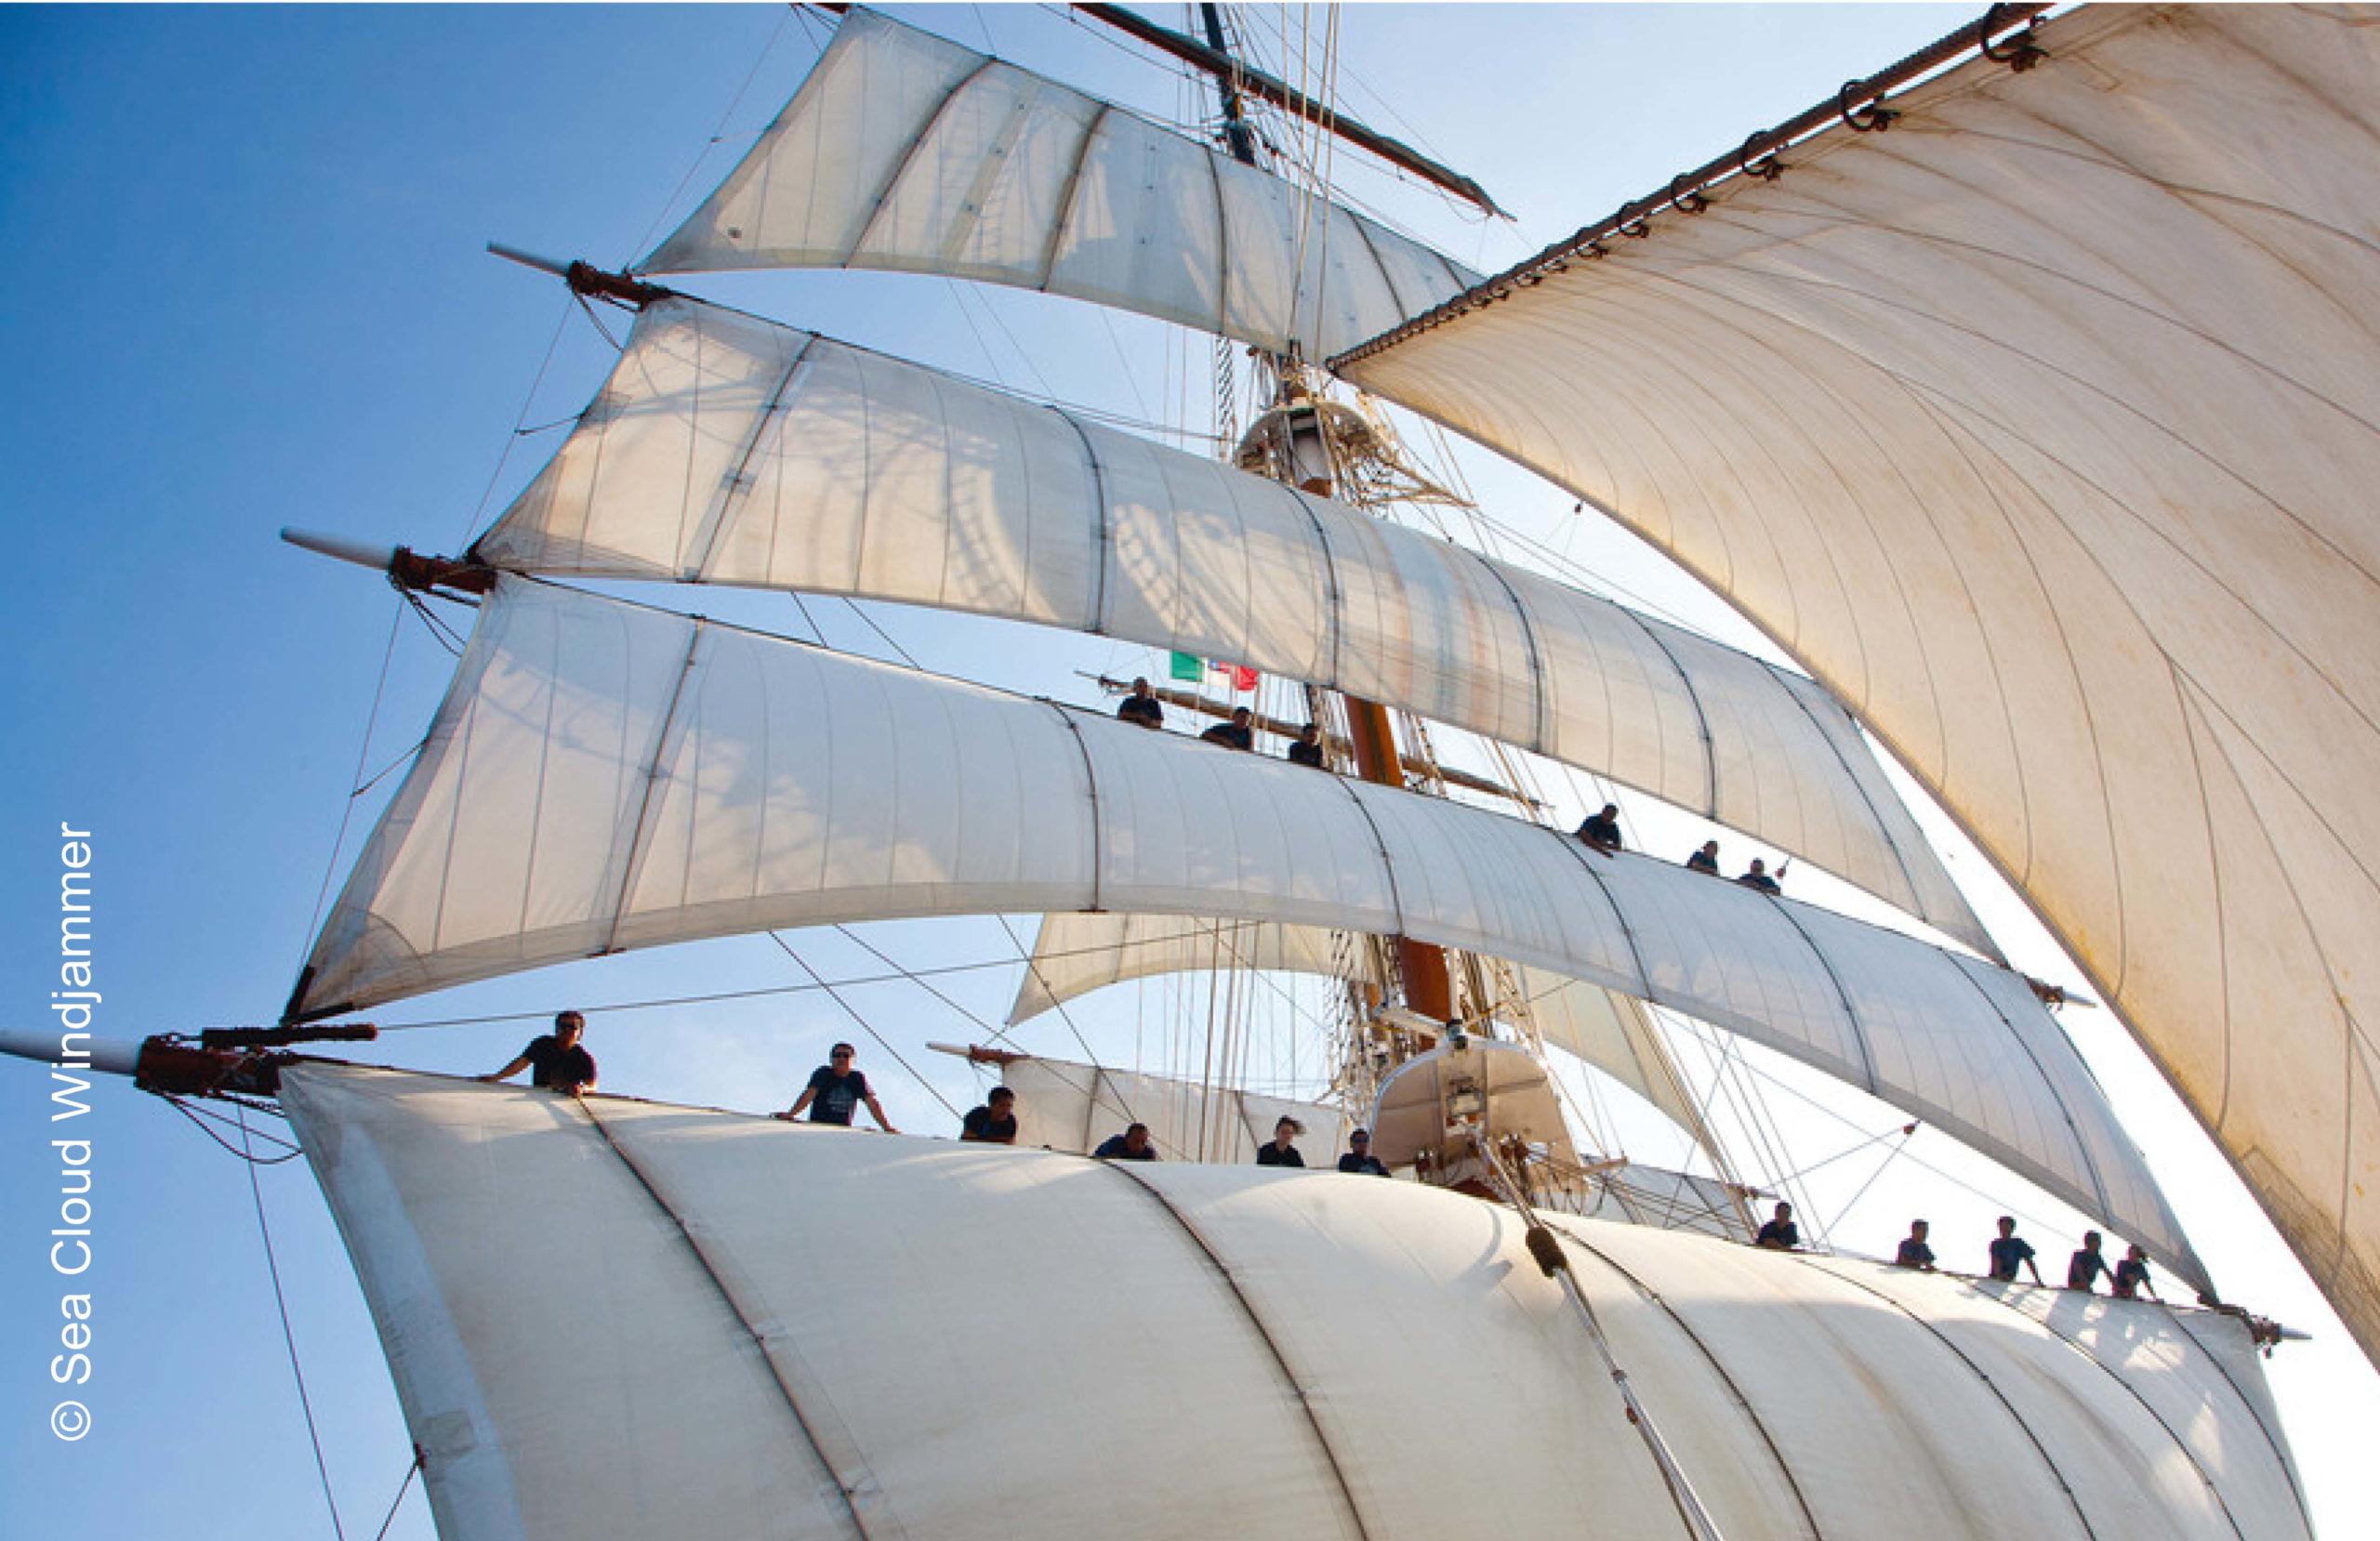 Sea Cloud Windjammer Traum unter weißen Segeln